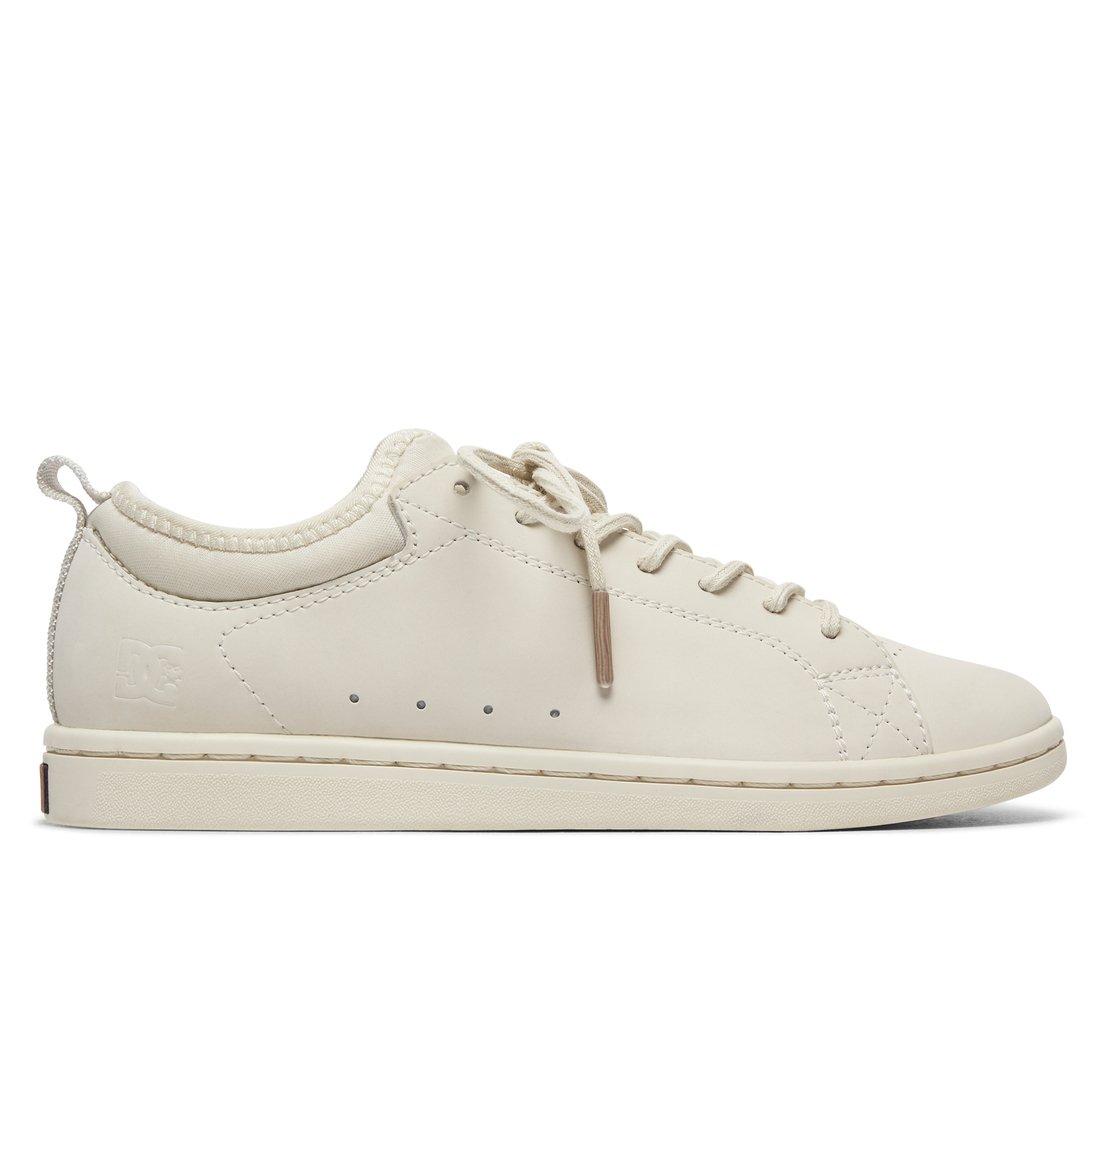 9de8804a2 0 Tenis Cano Baixo Feminino DC Shoes Magnolia SE Branco BRADJS100104 DC  Shoes